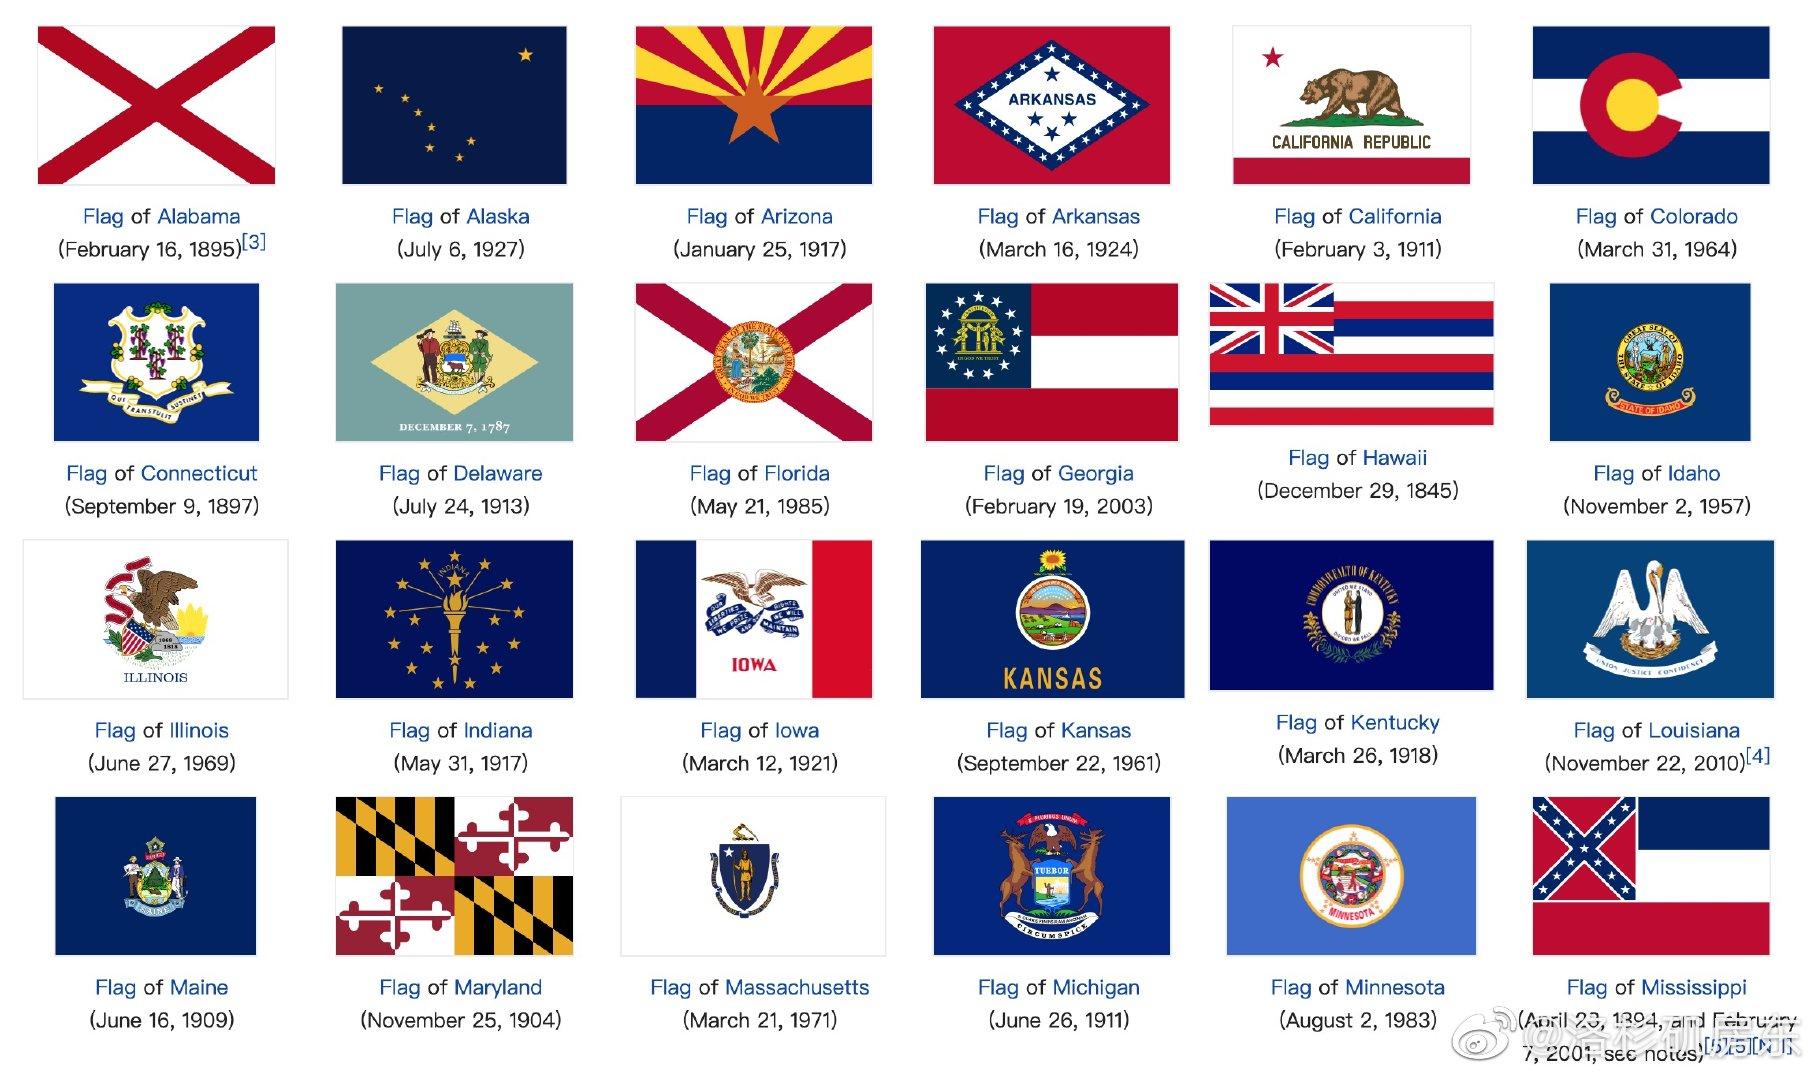 美国各州州旗,我最喜欢的是阿拉斯加州旗(图3),非常有代表性